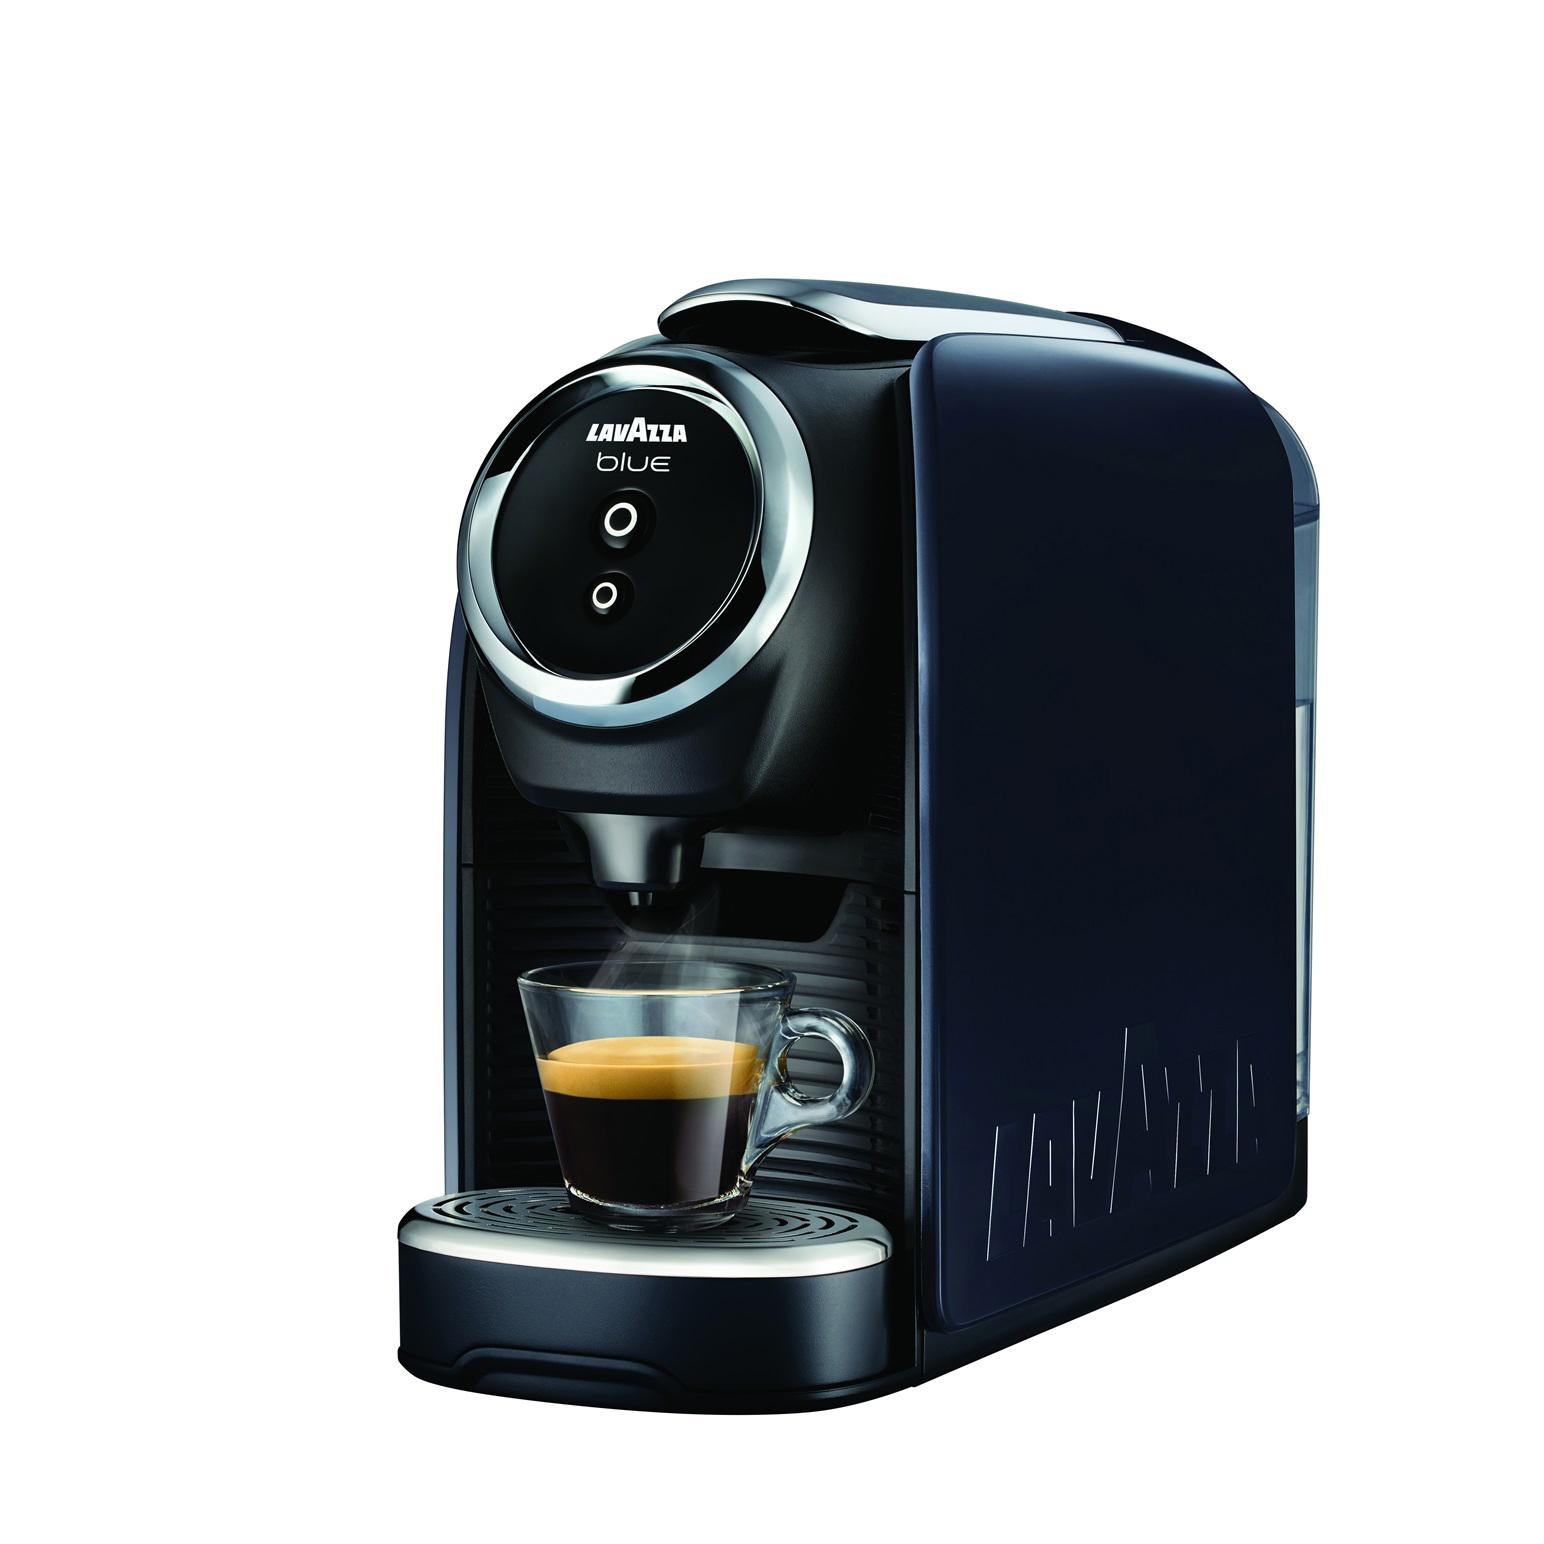 Espressor Lavazza LB 300 Classy Mini, compatibil Lavazza Blue, 1250W, 0,7 lt, 2 selectii